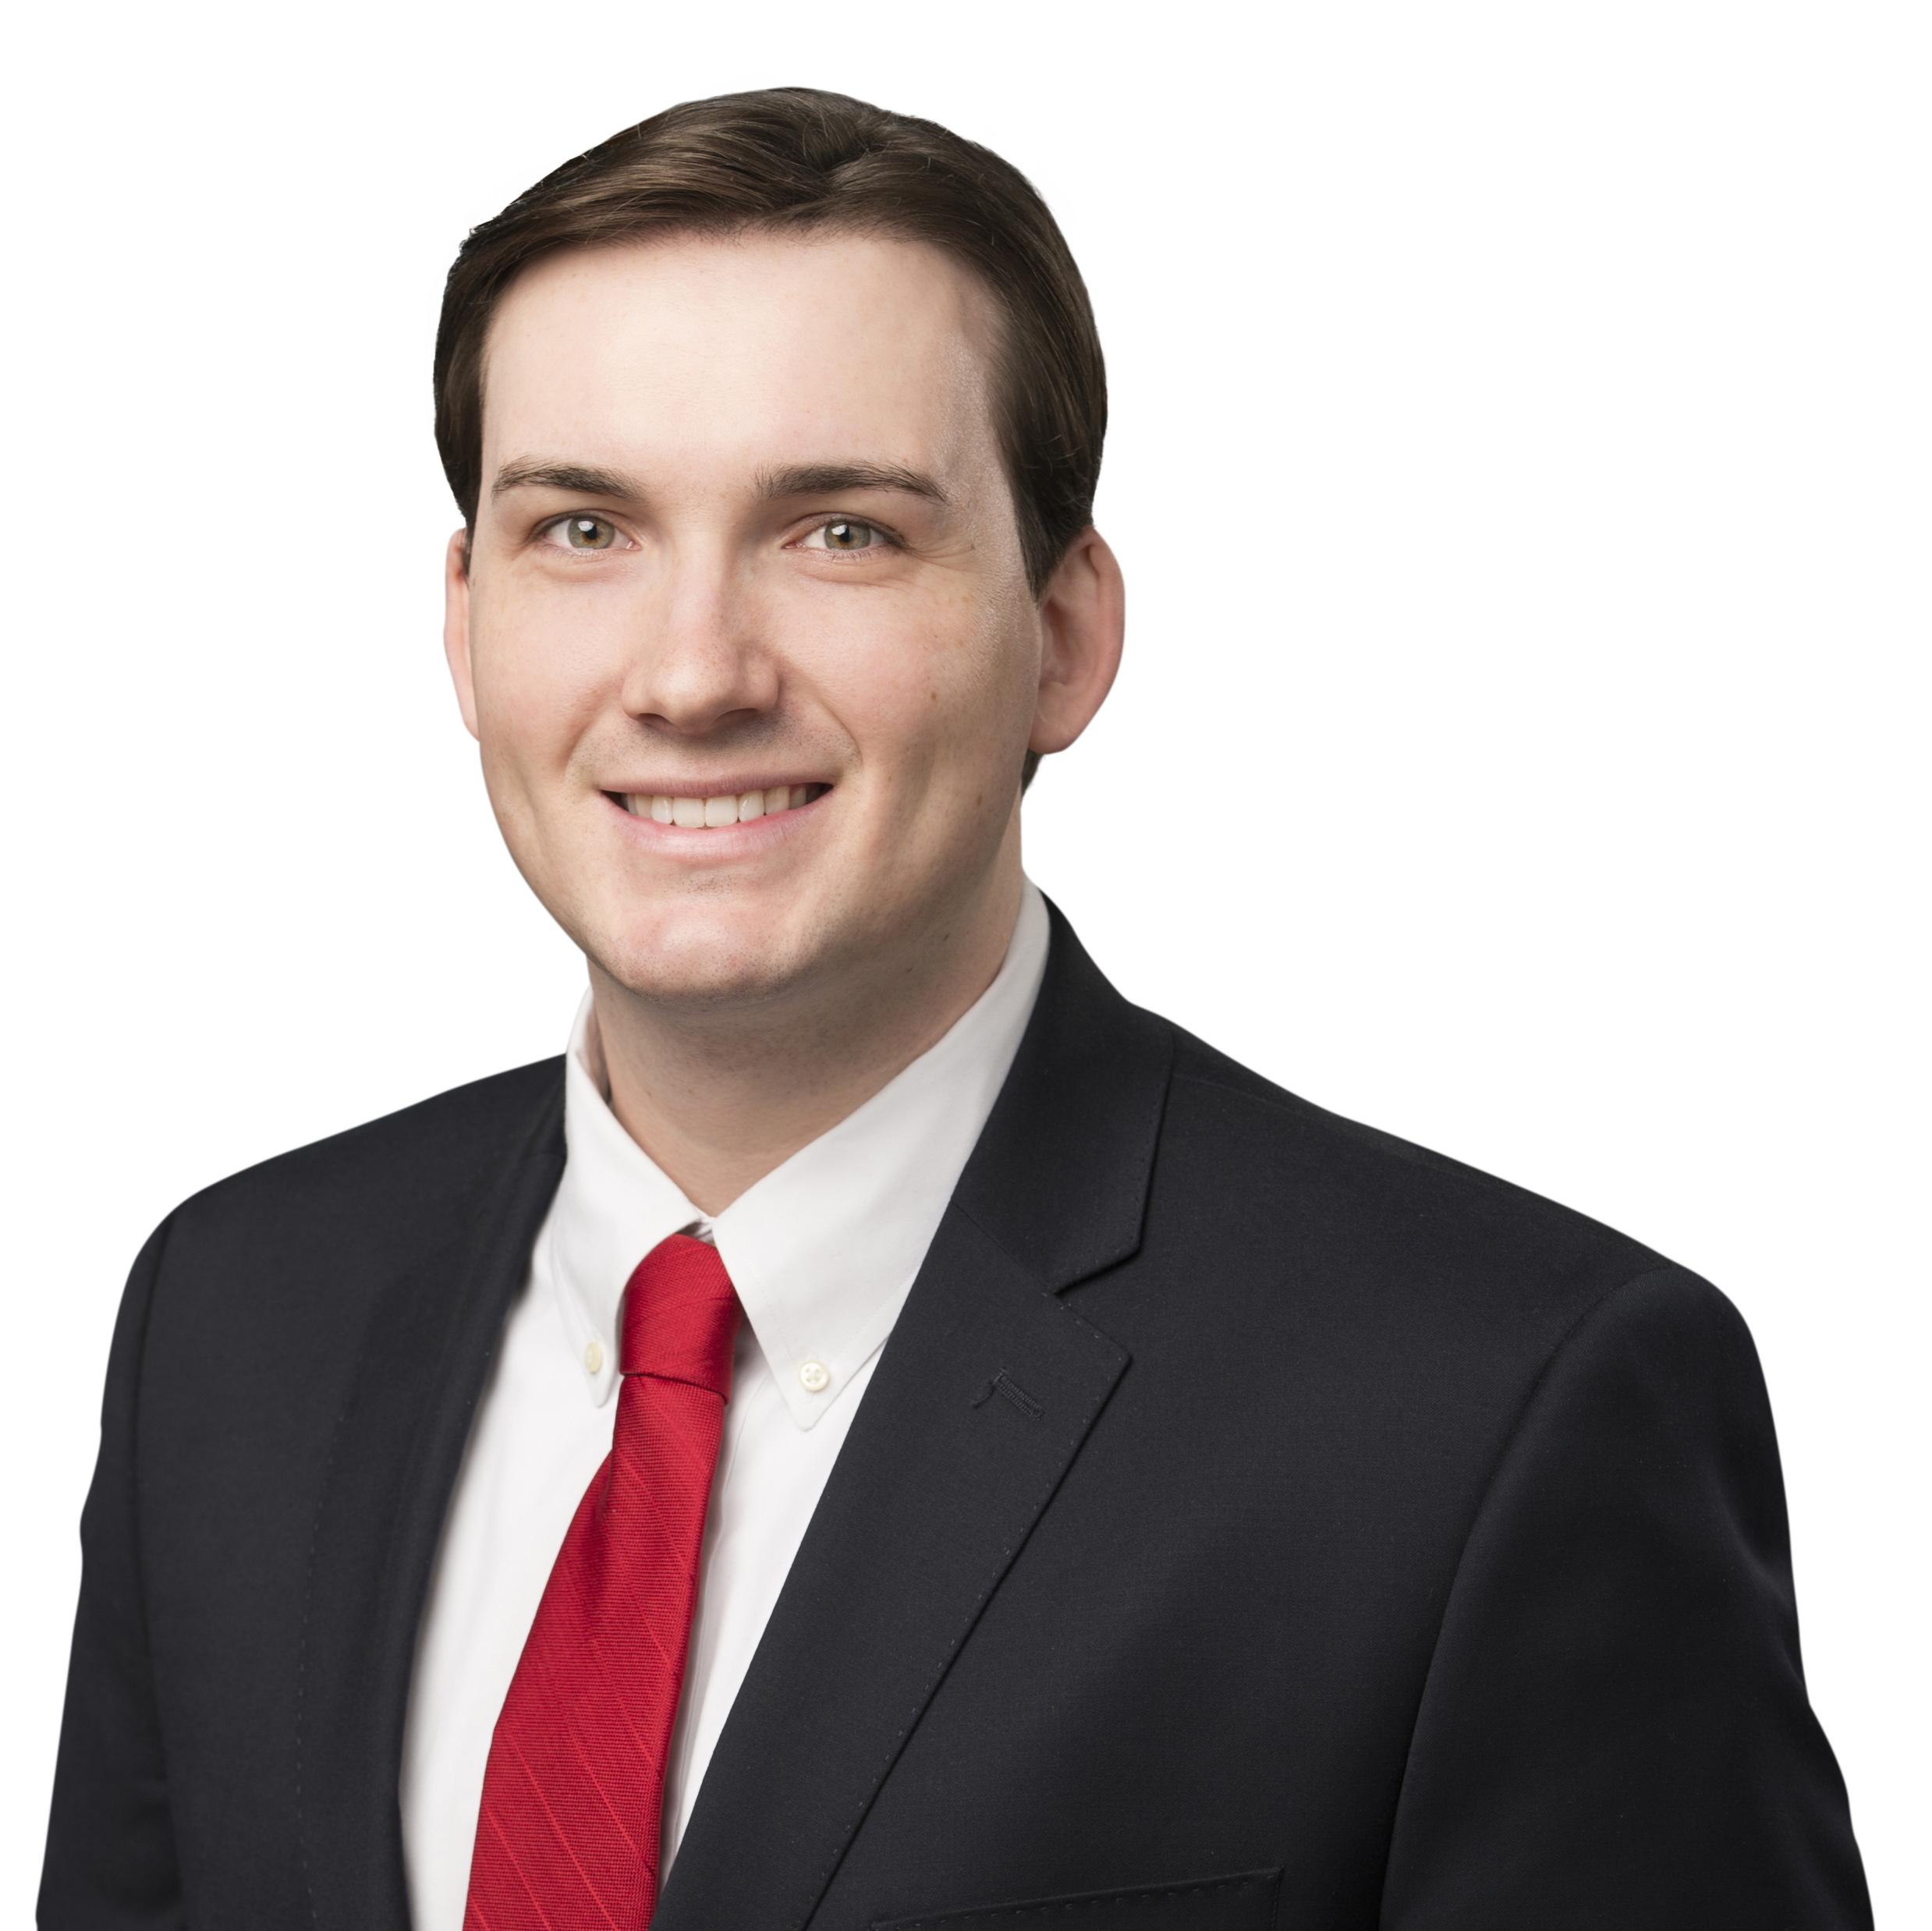 Joshua L Carson